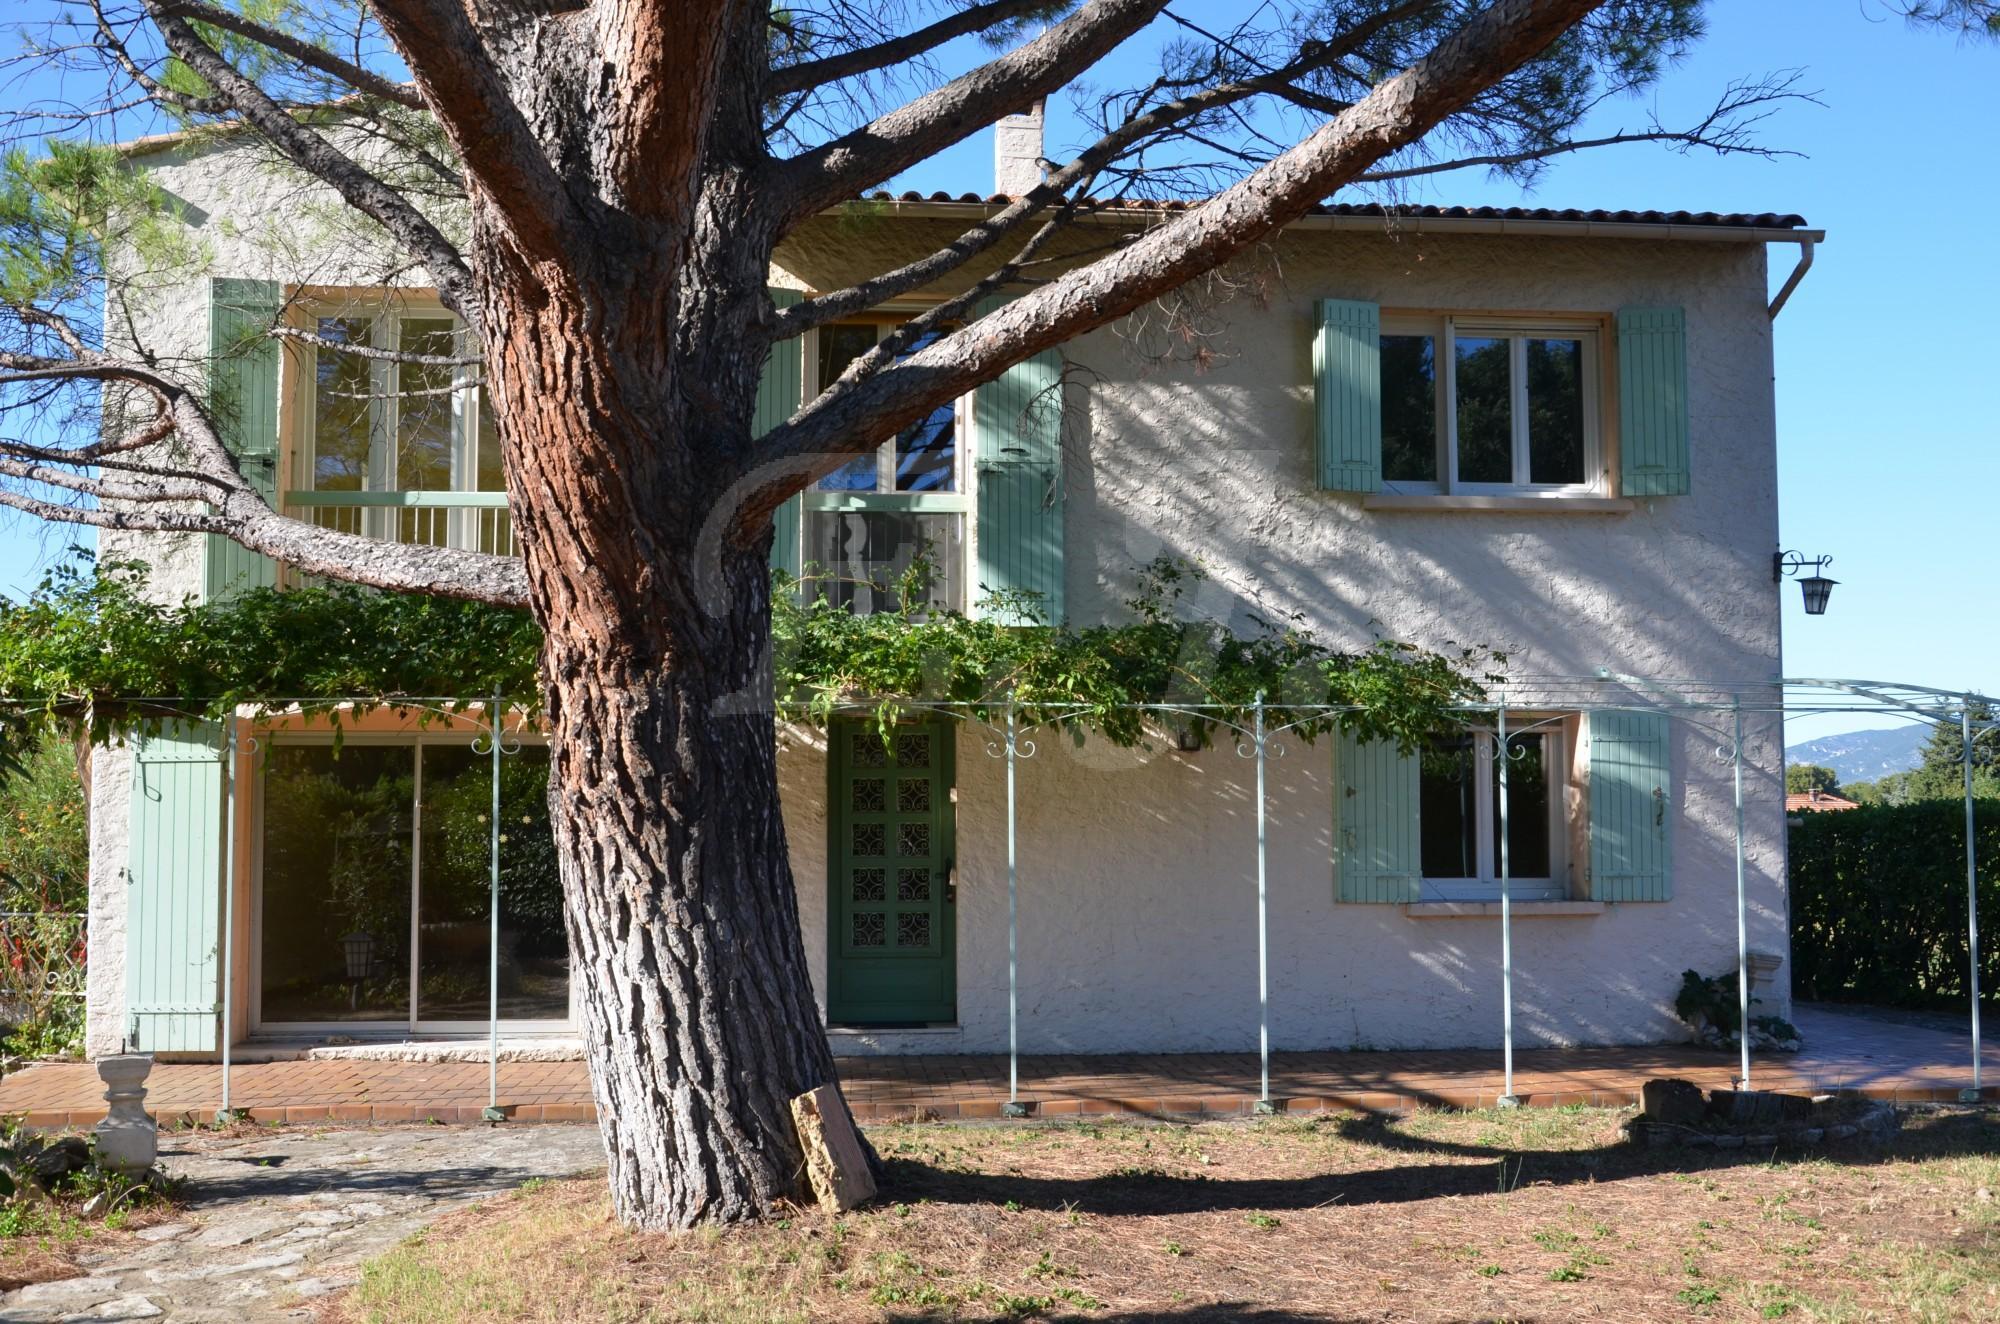 Ventes maison robion de construction traditionnelle for Vente maison en construction